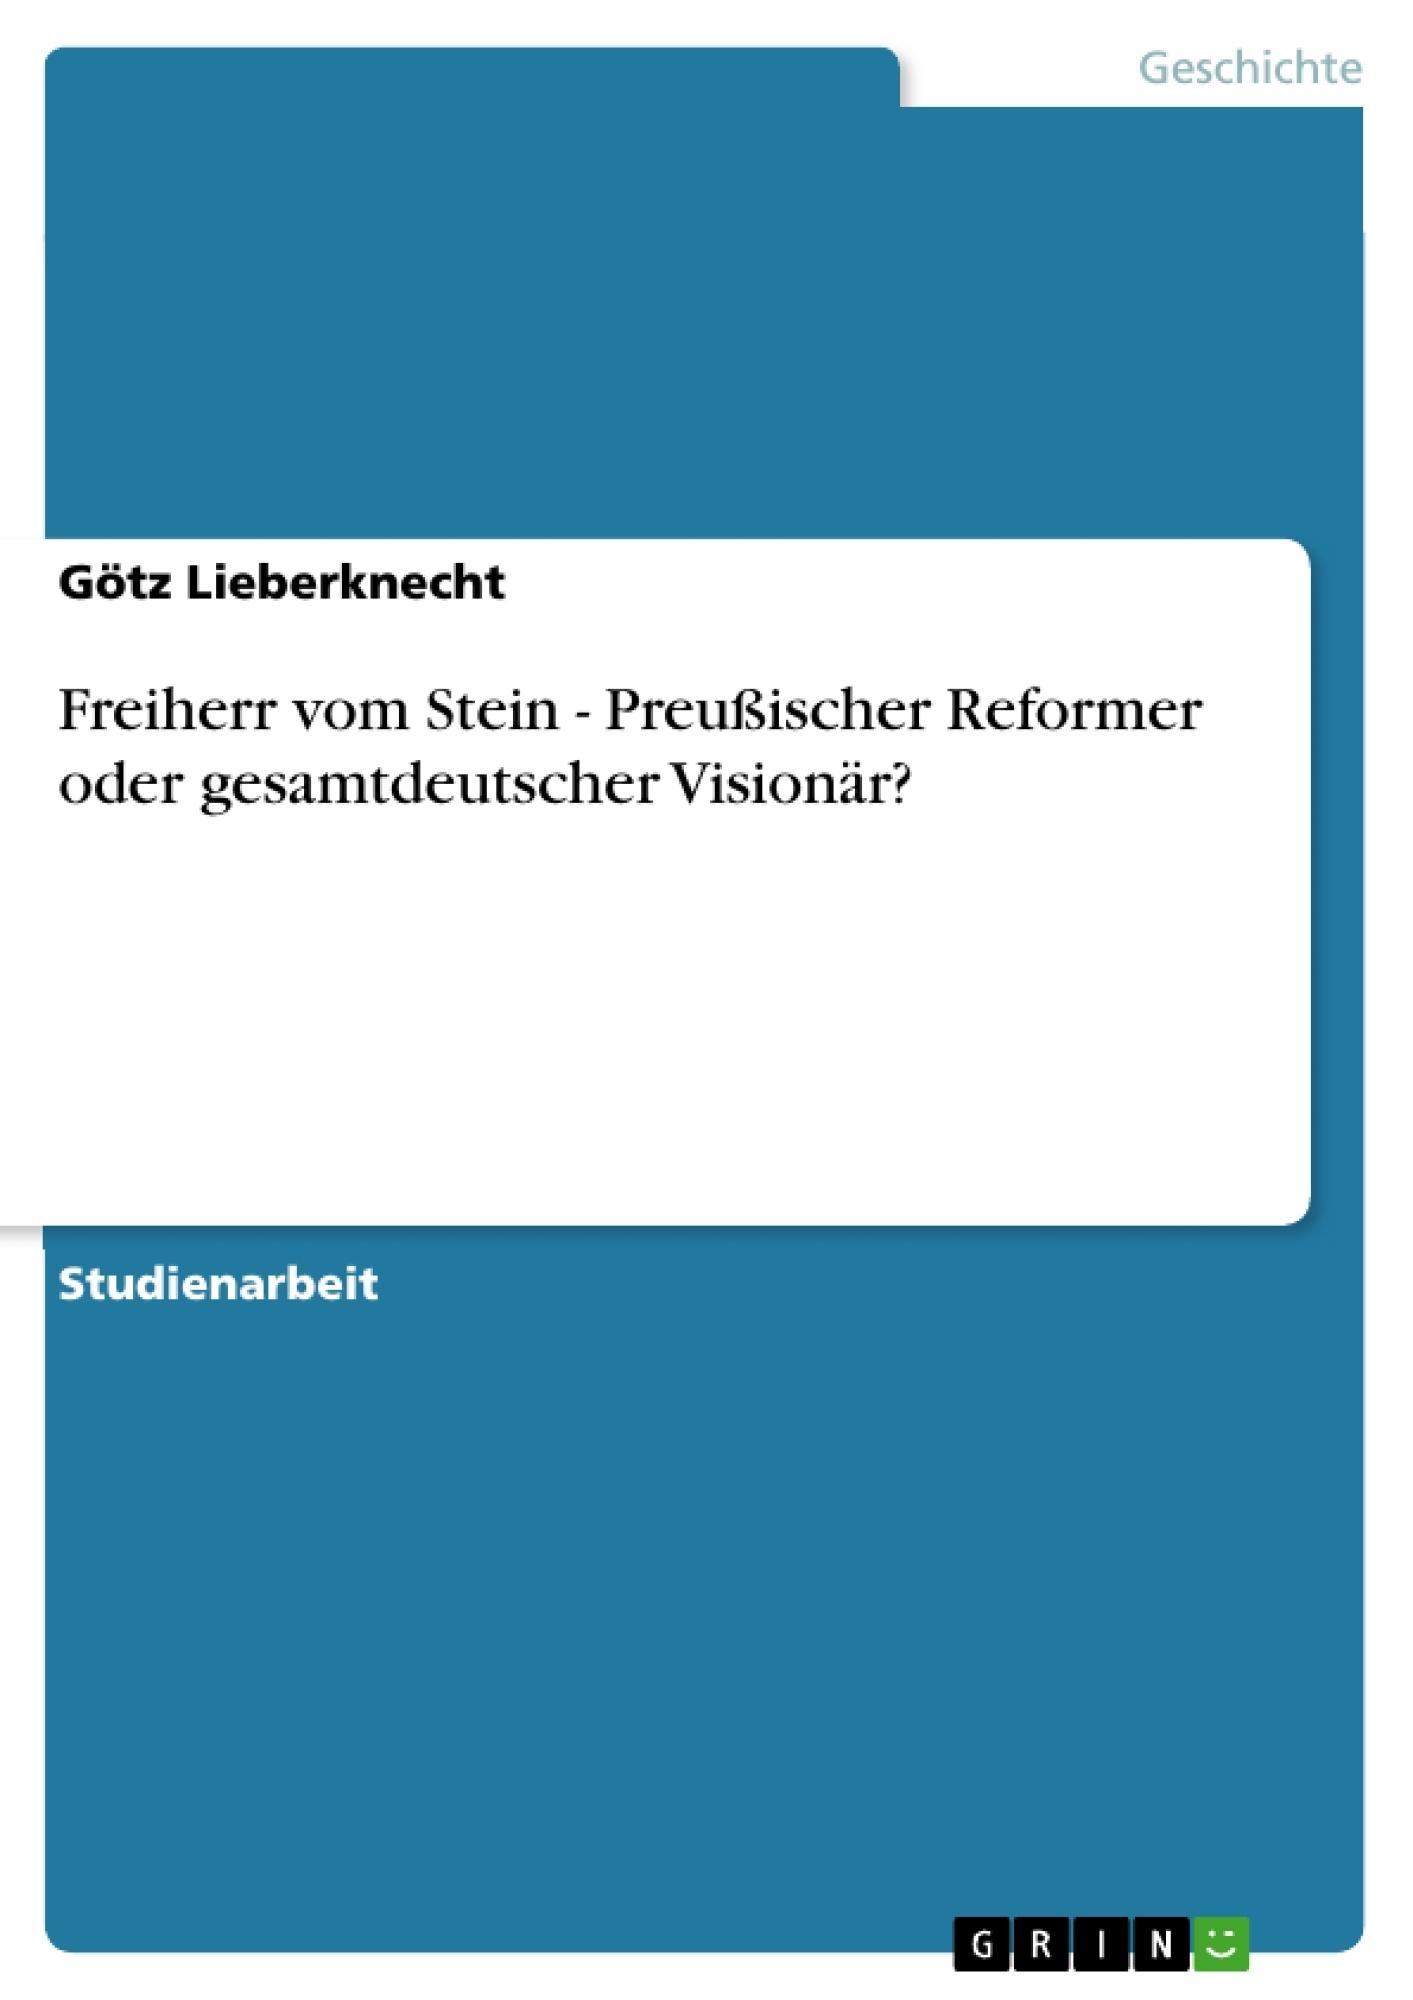 Titel: Freiherr vom Stein - Preußischer Reformer oder gesamtdeutscher Visionär?